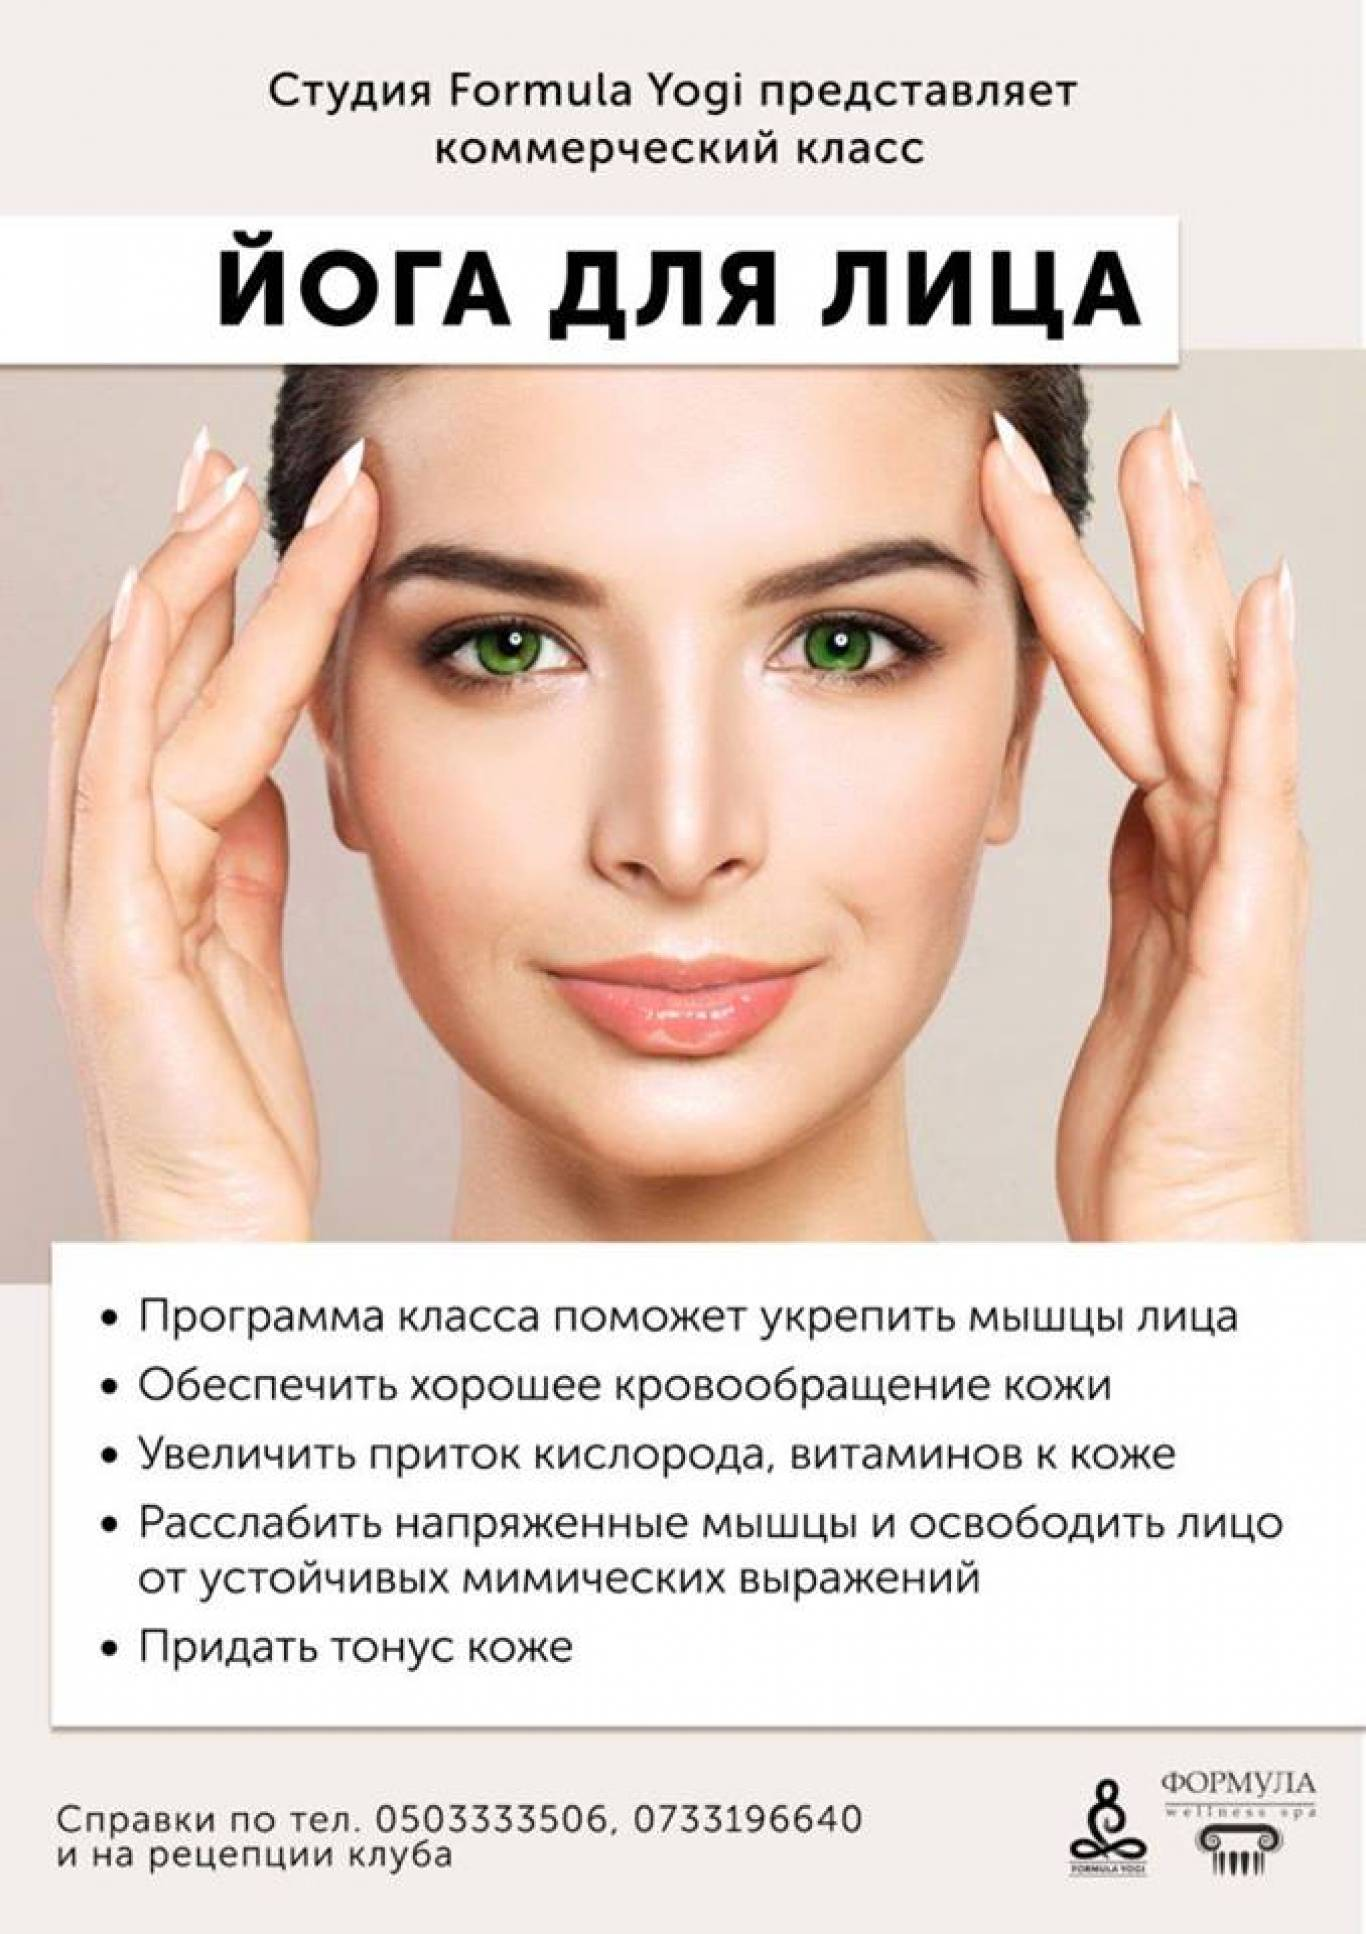 йога для лица в картинках гунби